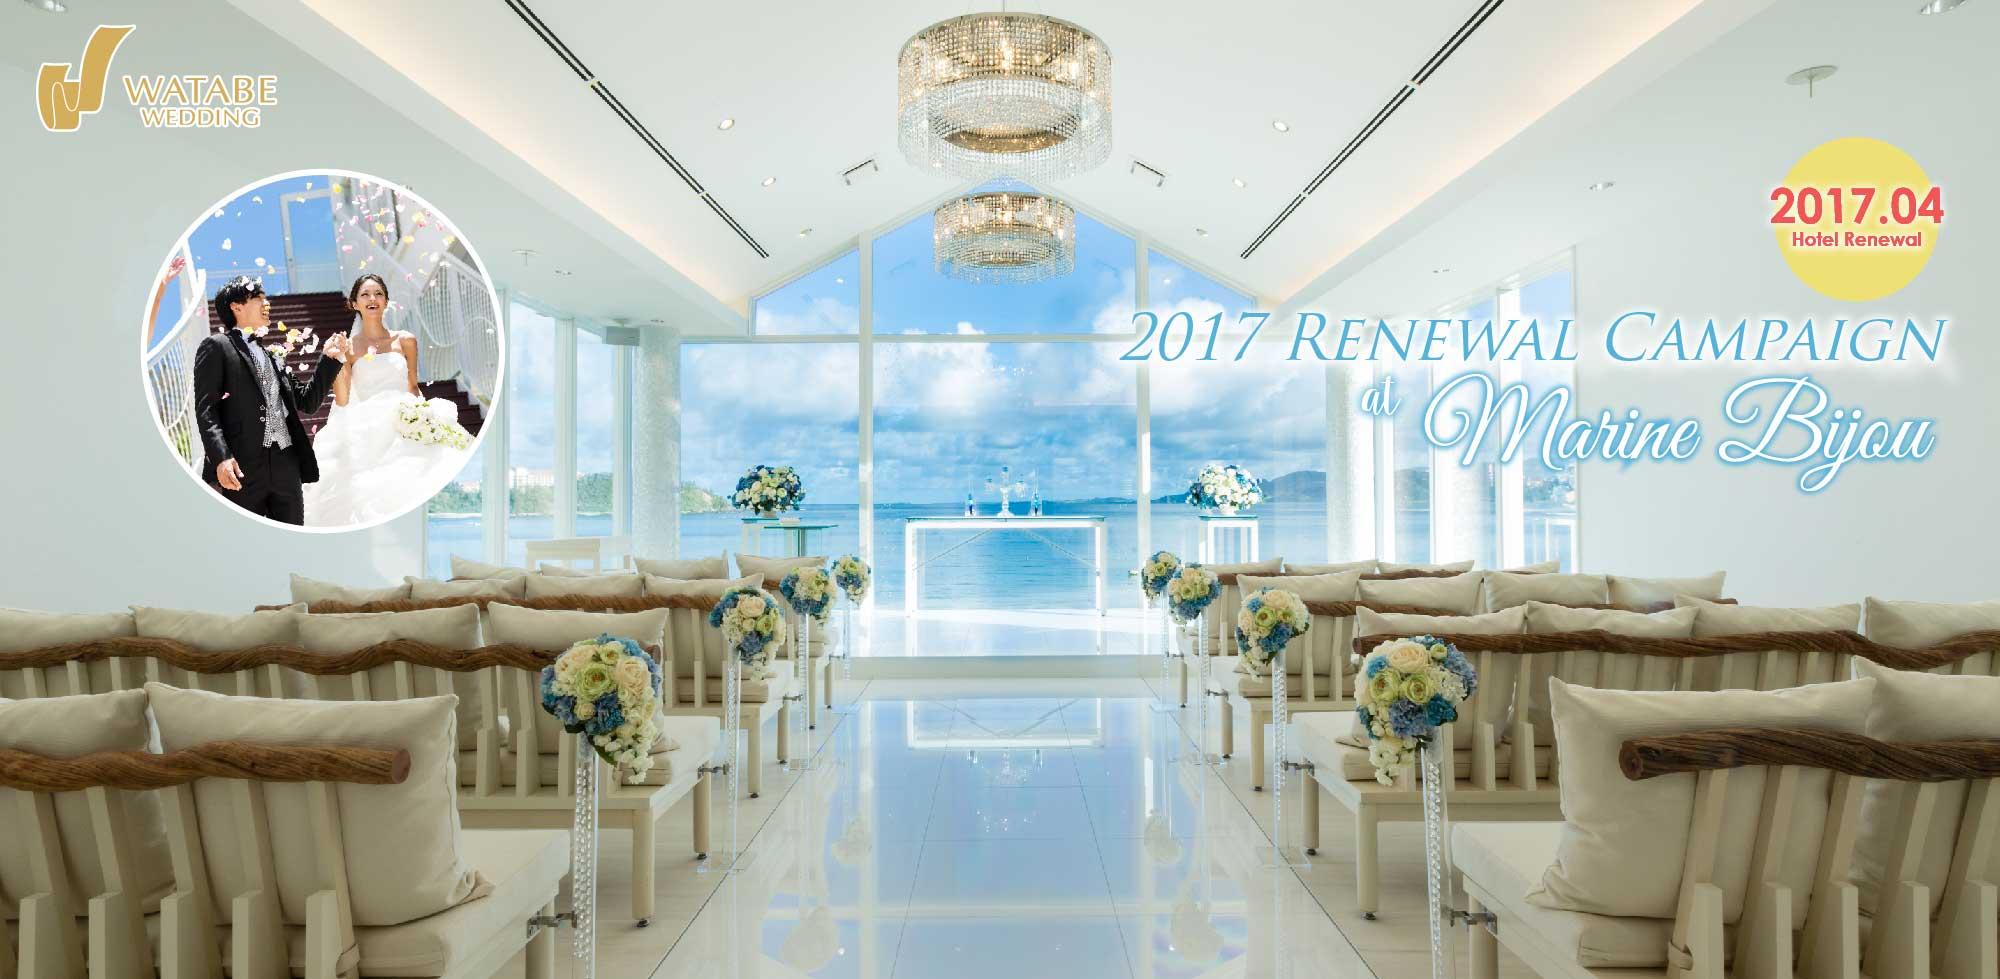 海外婚禮 海外婚紗攝影 東京 沖繩 北海道 京都 關島 峇里島 澳洲